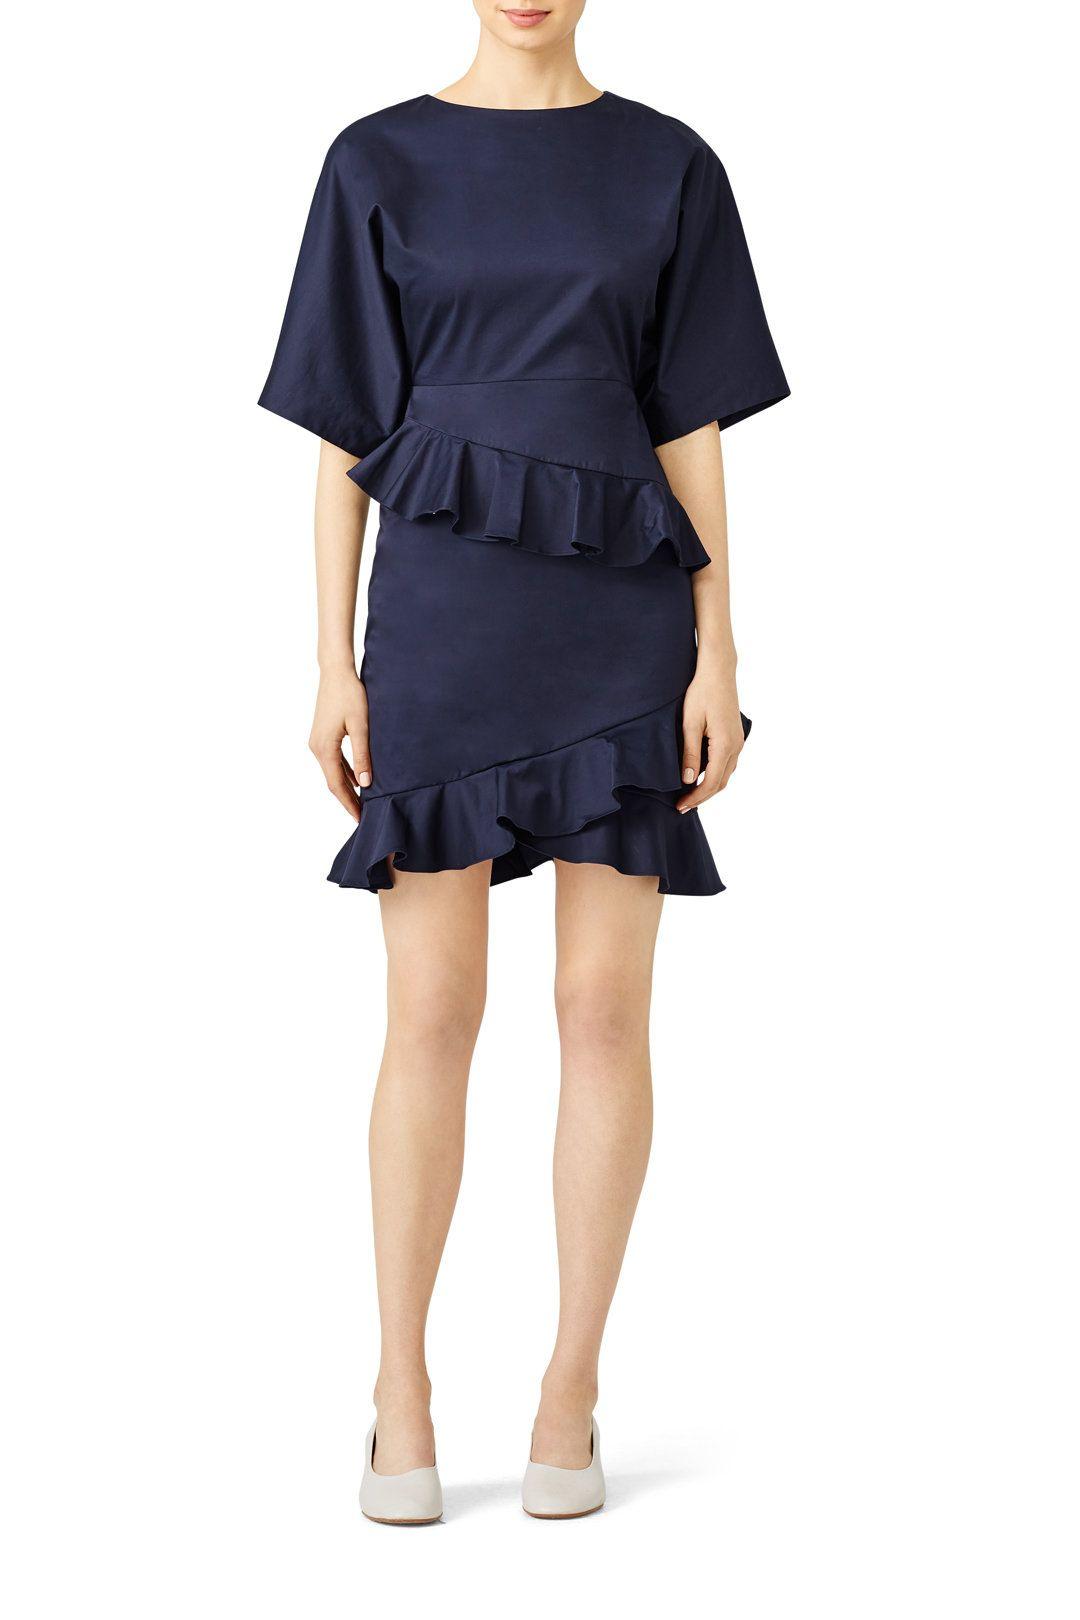 The Amelia Dress By Fame Amp Partners Amelia Dress